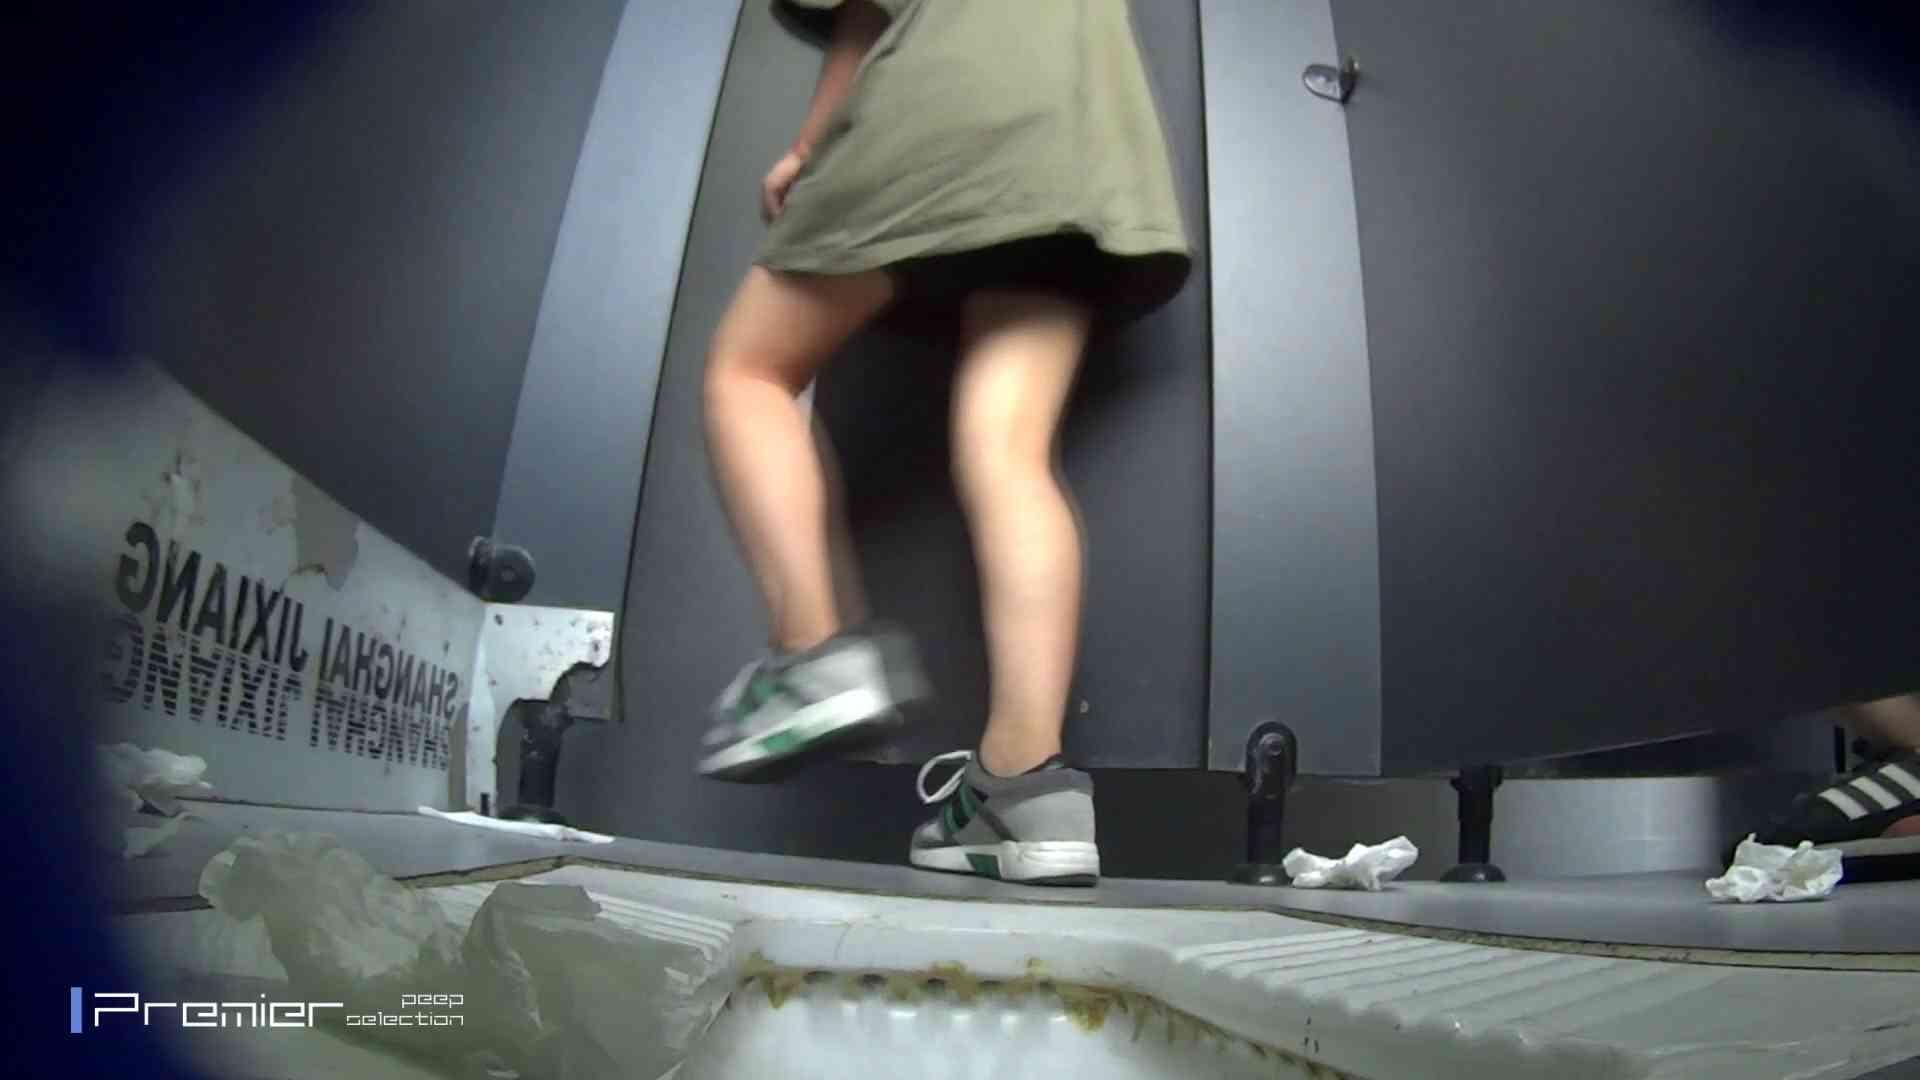 スキニージーンズの美女 大学休憩時間の洗面所事情56 洗面所  107PIX 61